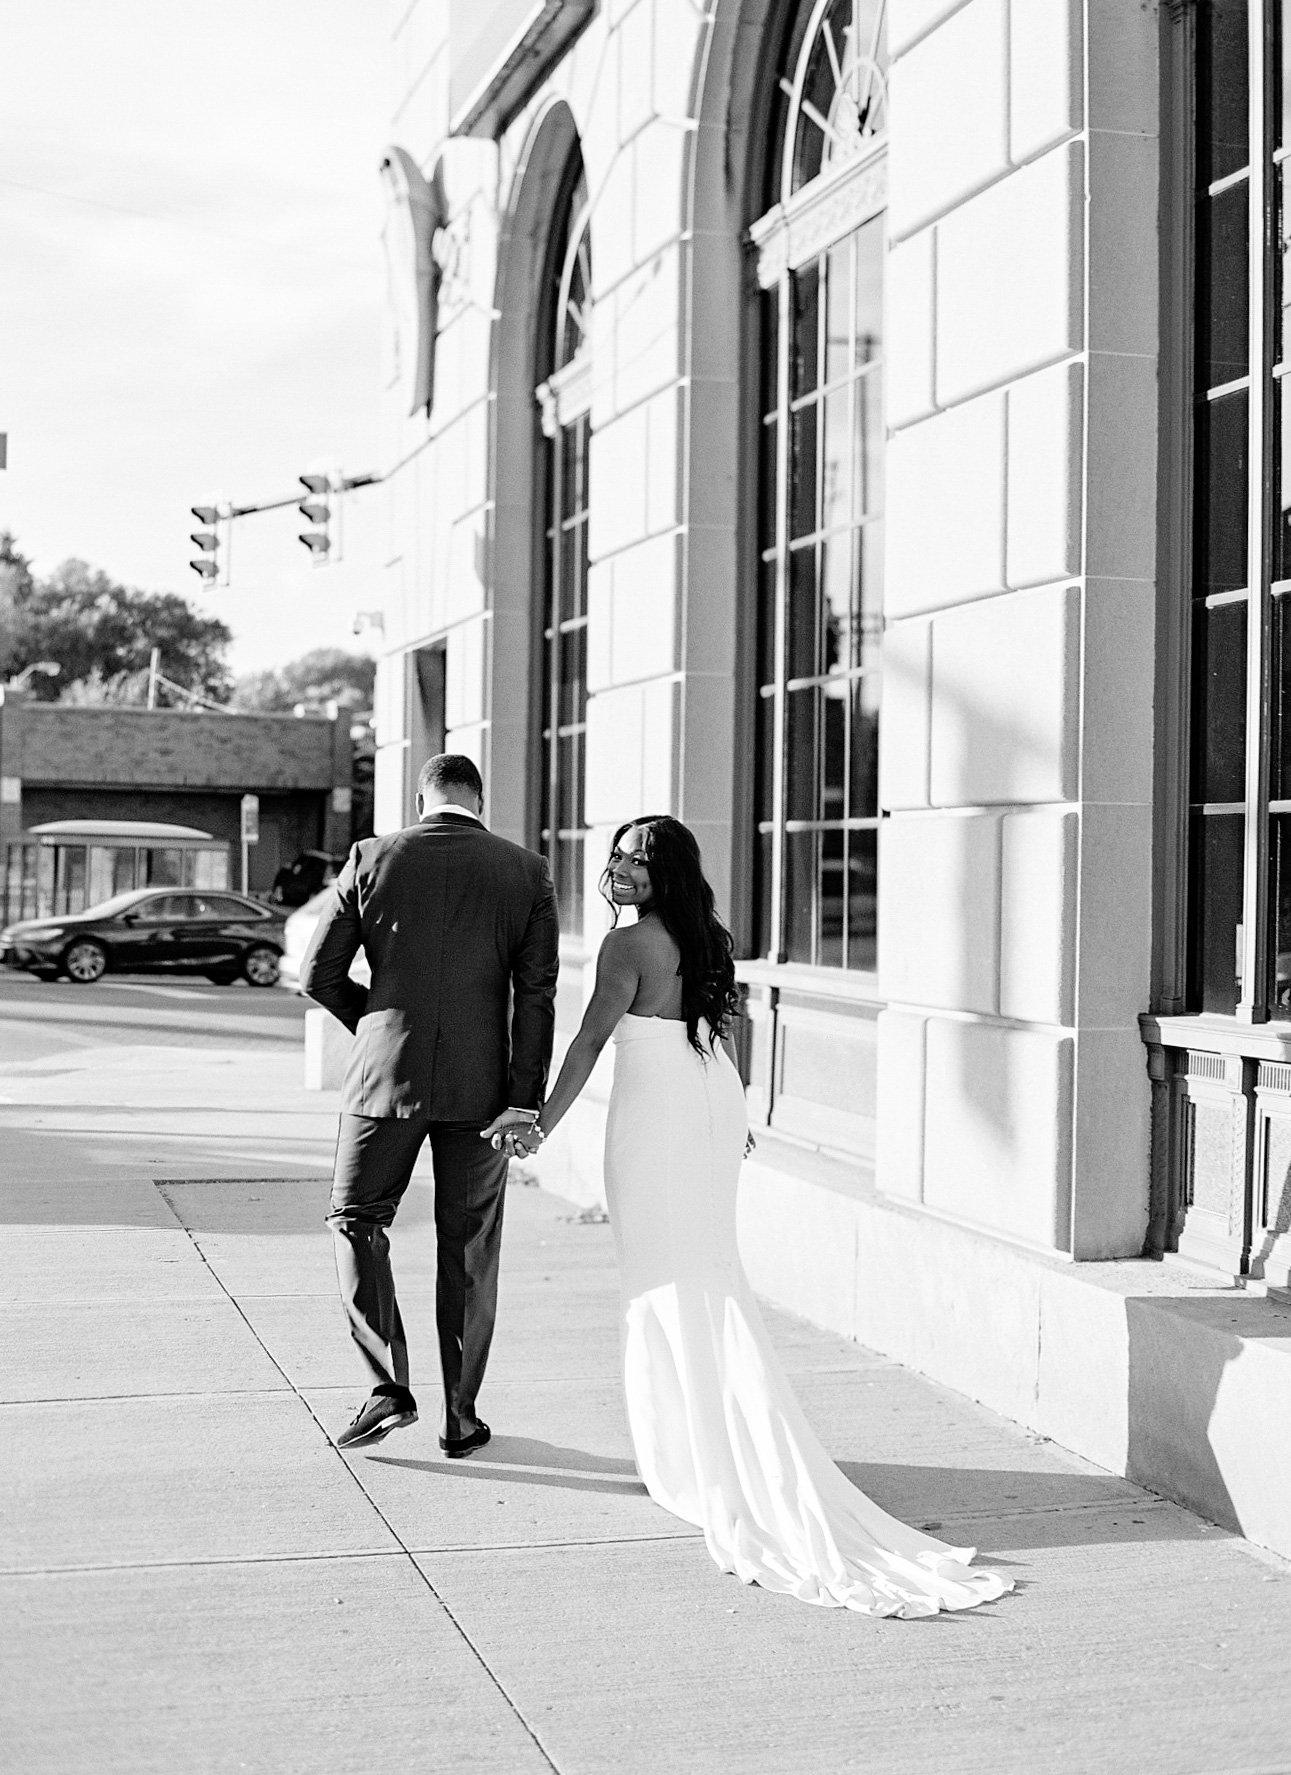 shanice & stephen wedding couple walking